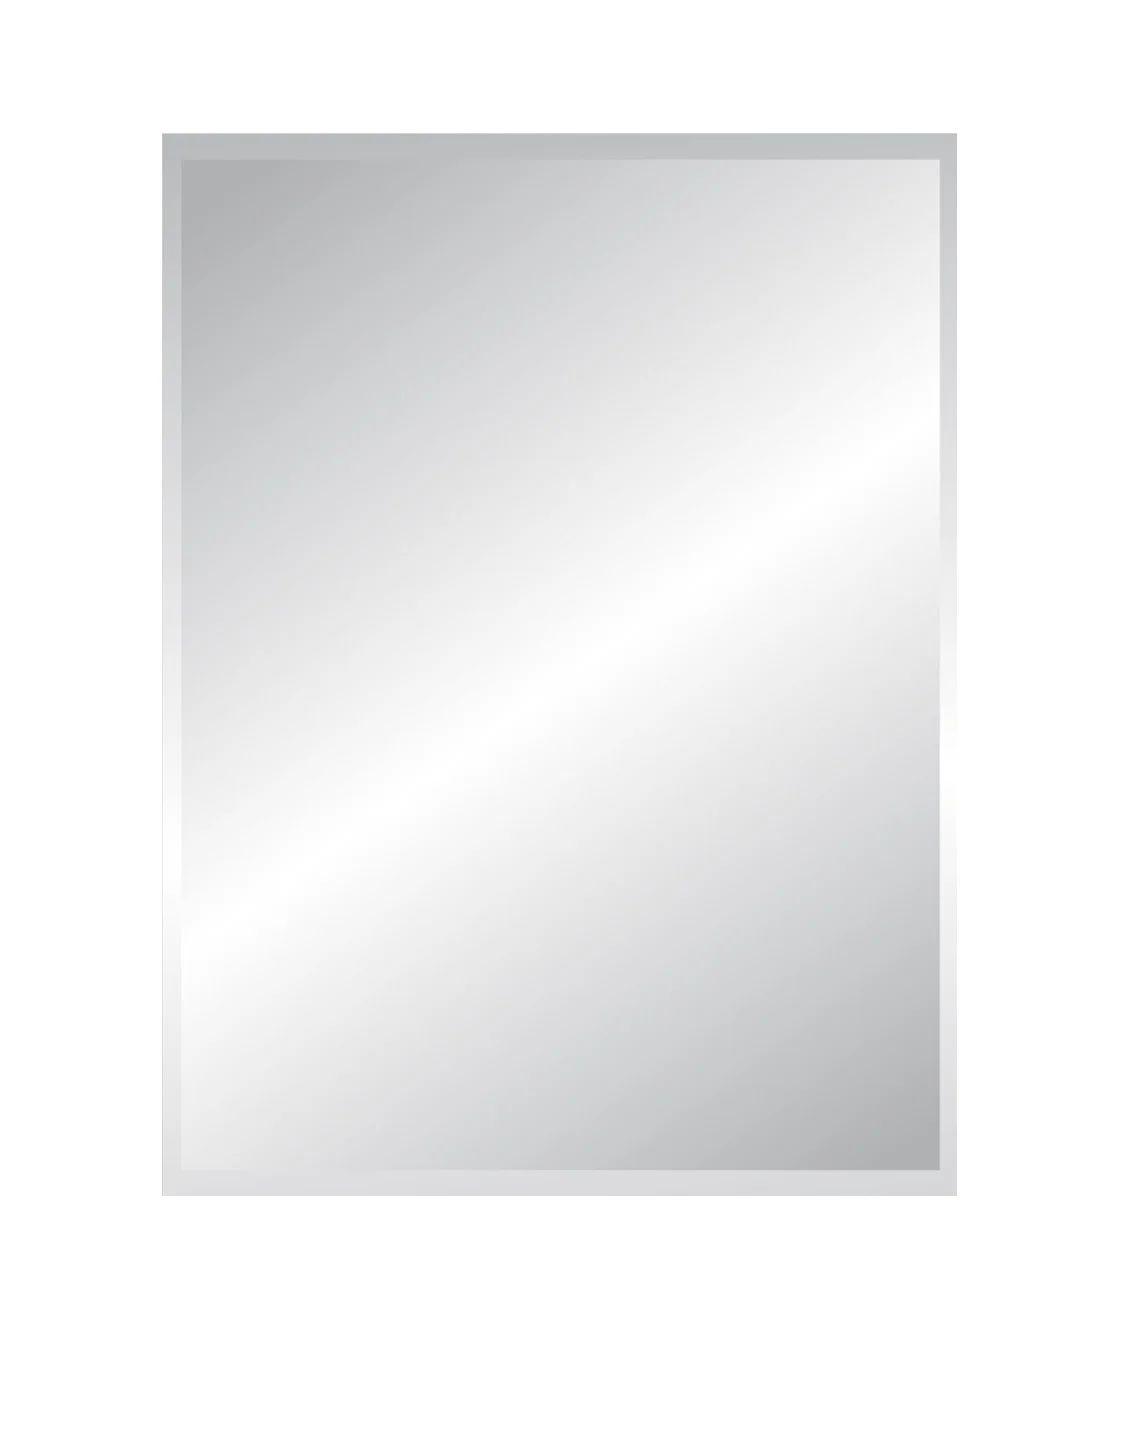 Miroir Non Lumineux Decoupe Rectangulaire L 60 X L 80 5 Cm Biseaute Leroy Merlin